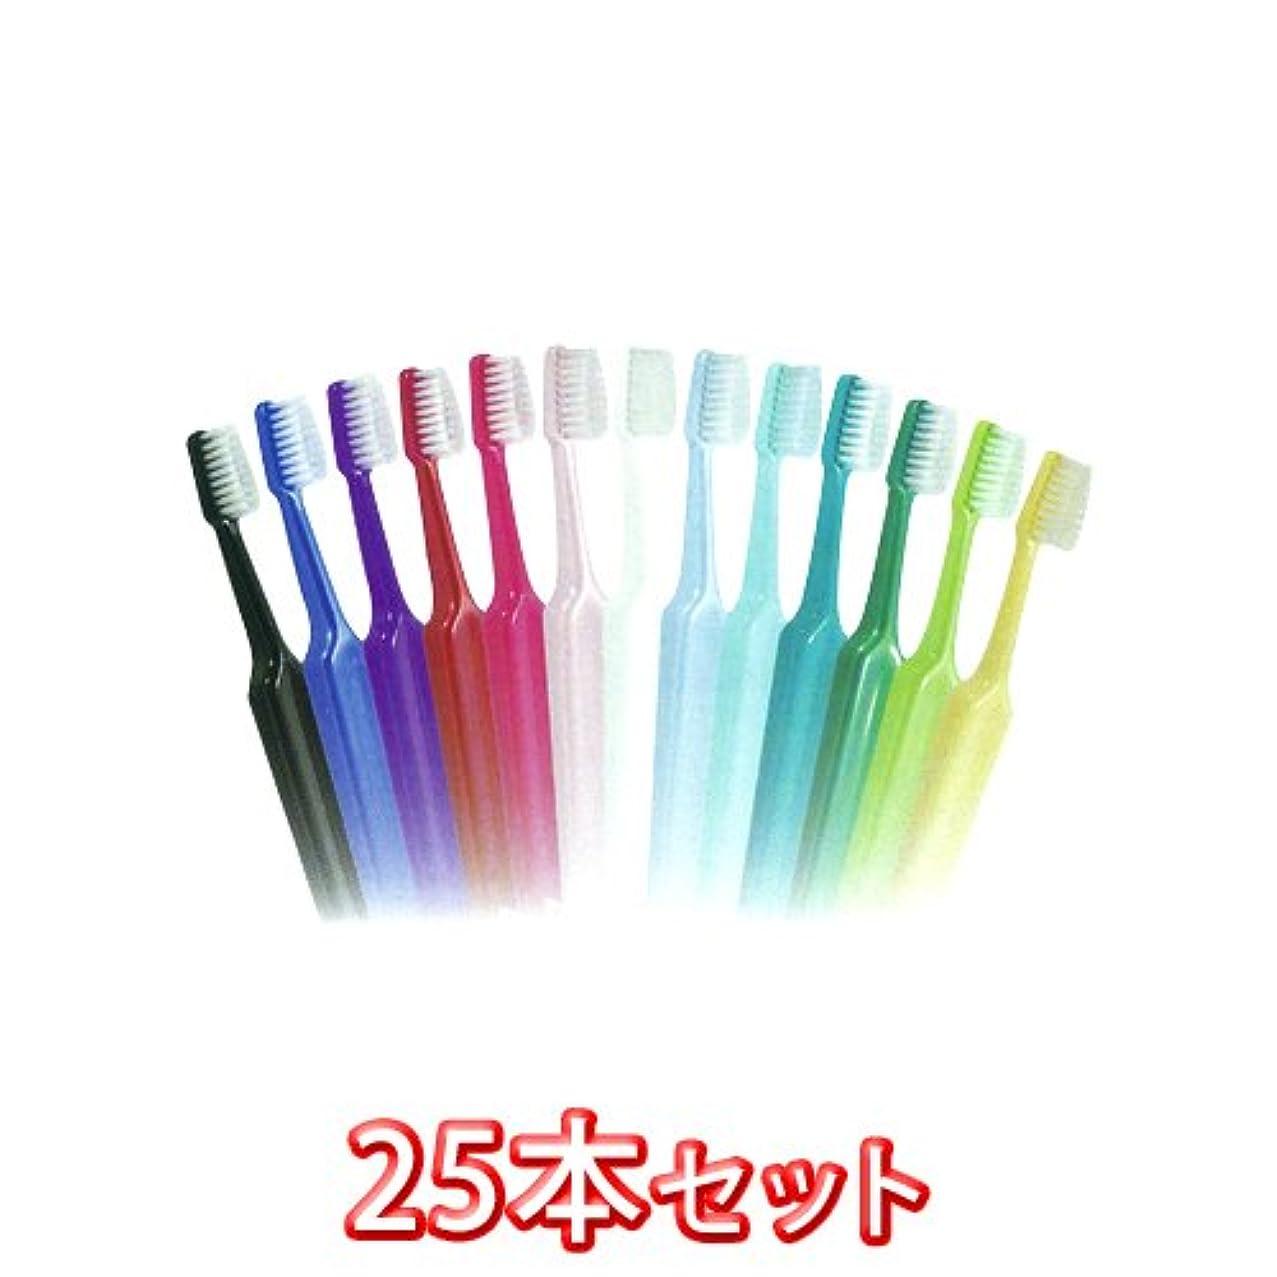 どちらか採用するバーガーTePe (テペ) セレクトミディアム 歯ブラシ 25本入